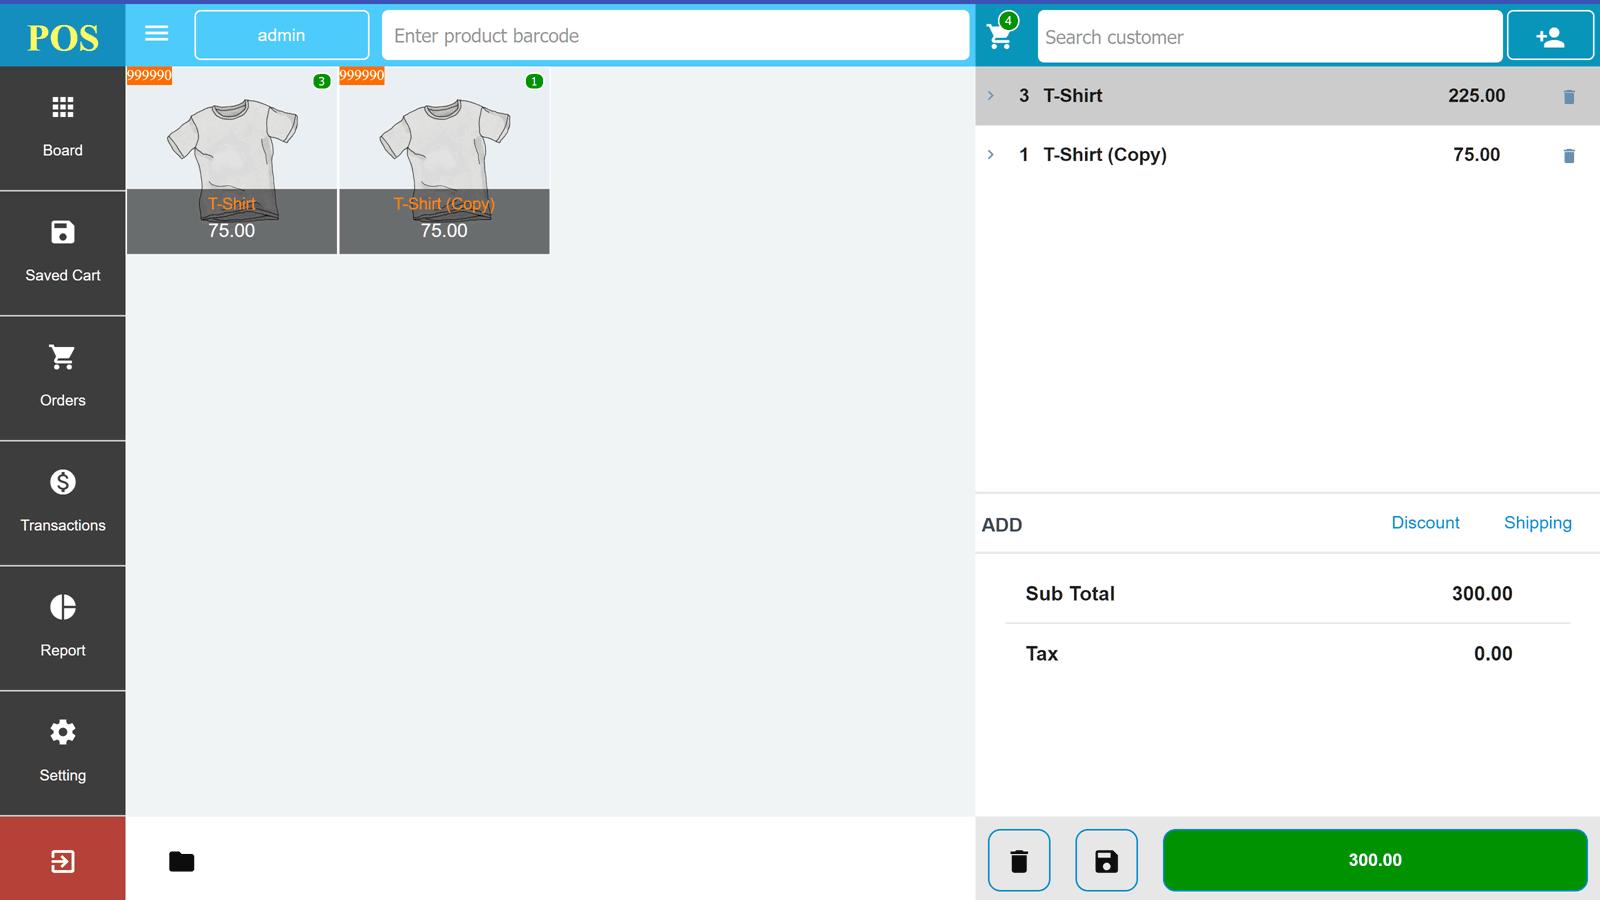 Openpos Review The UI